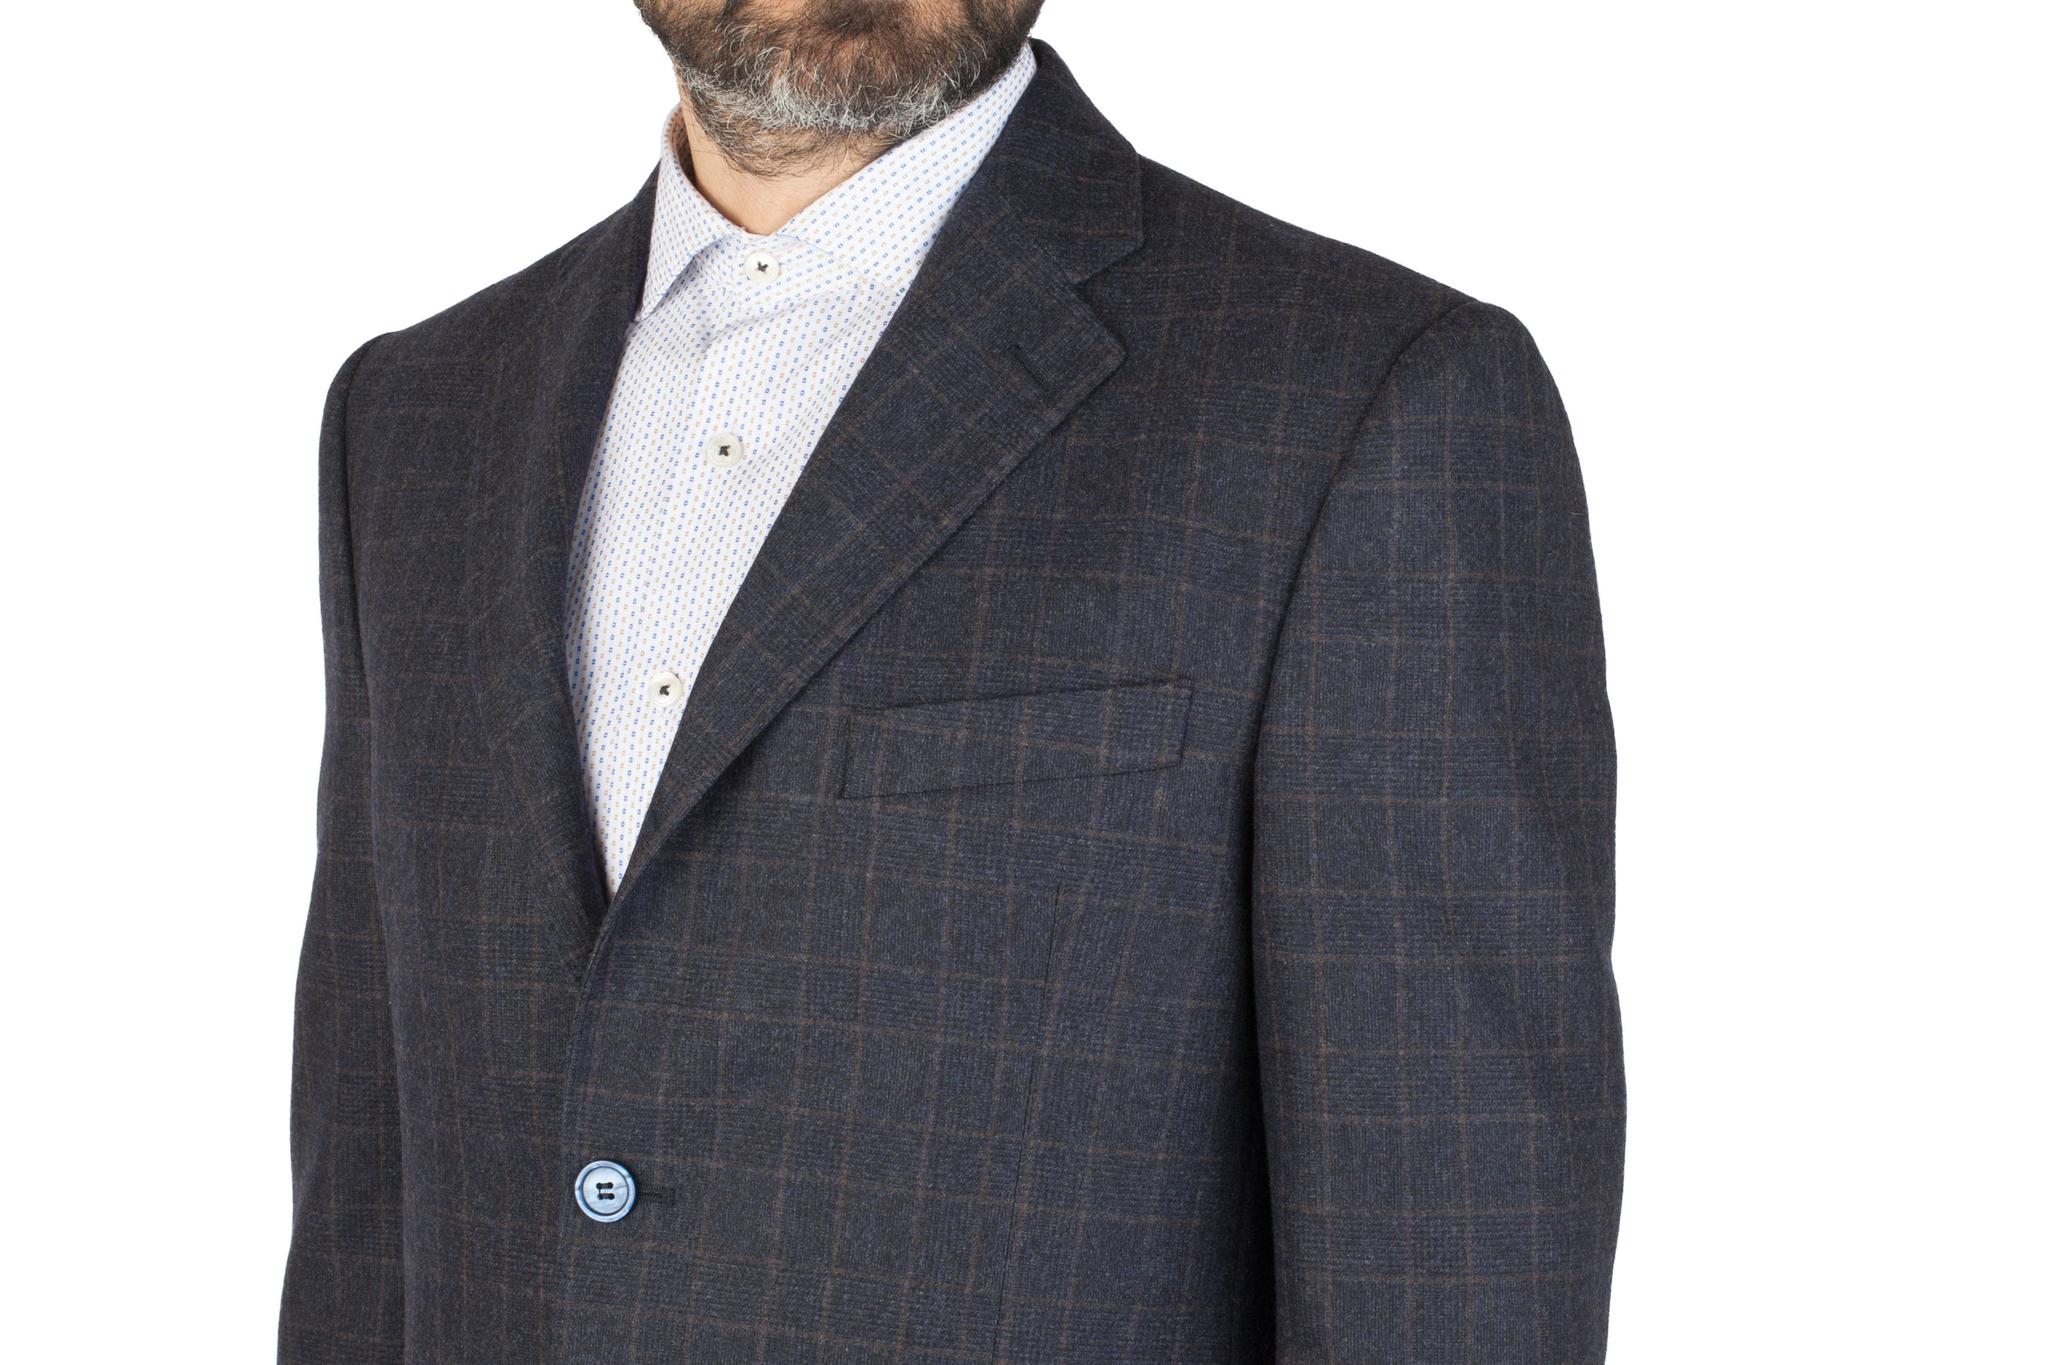 Тёмно-синий костюм в клетку из 100%-ной шерсти, нагрудный карман